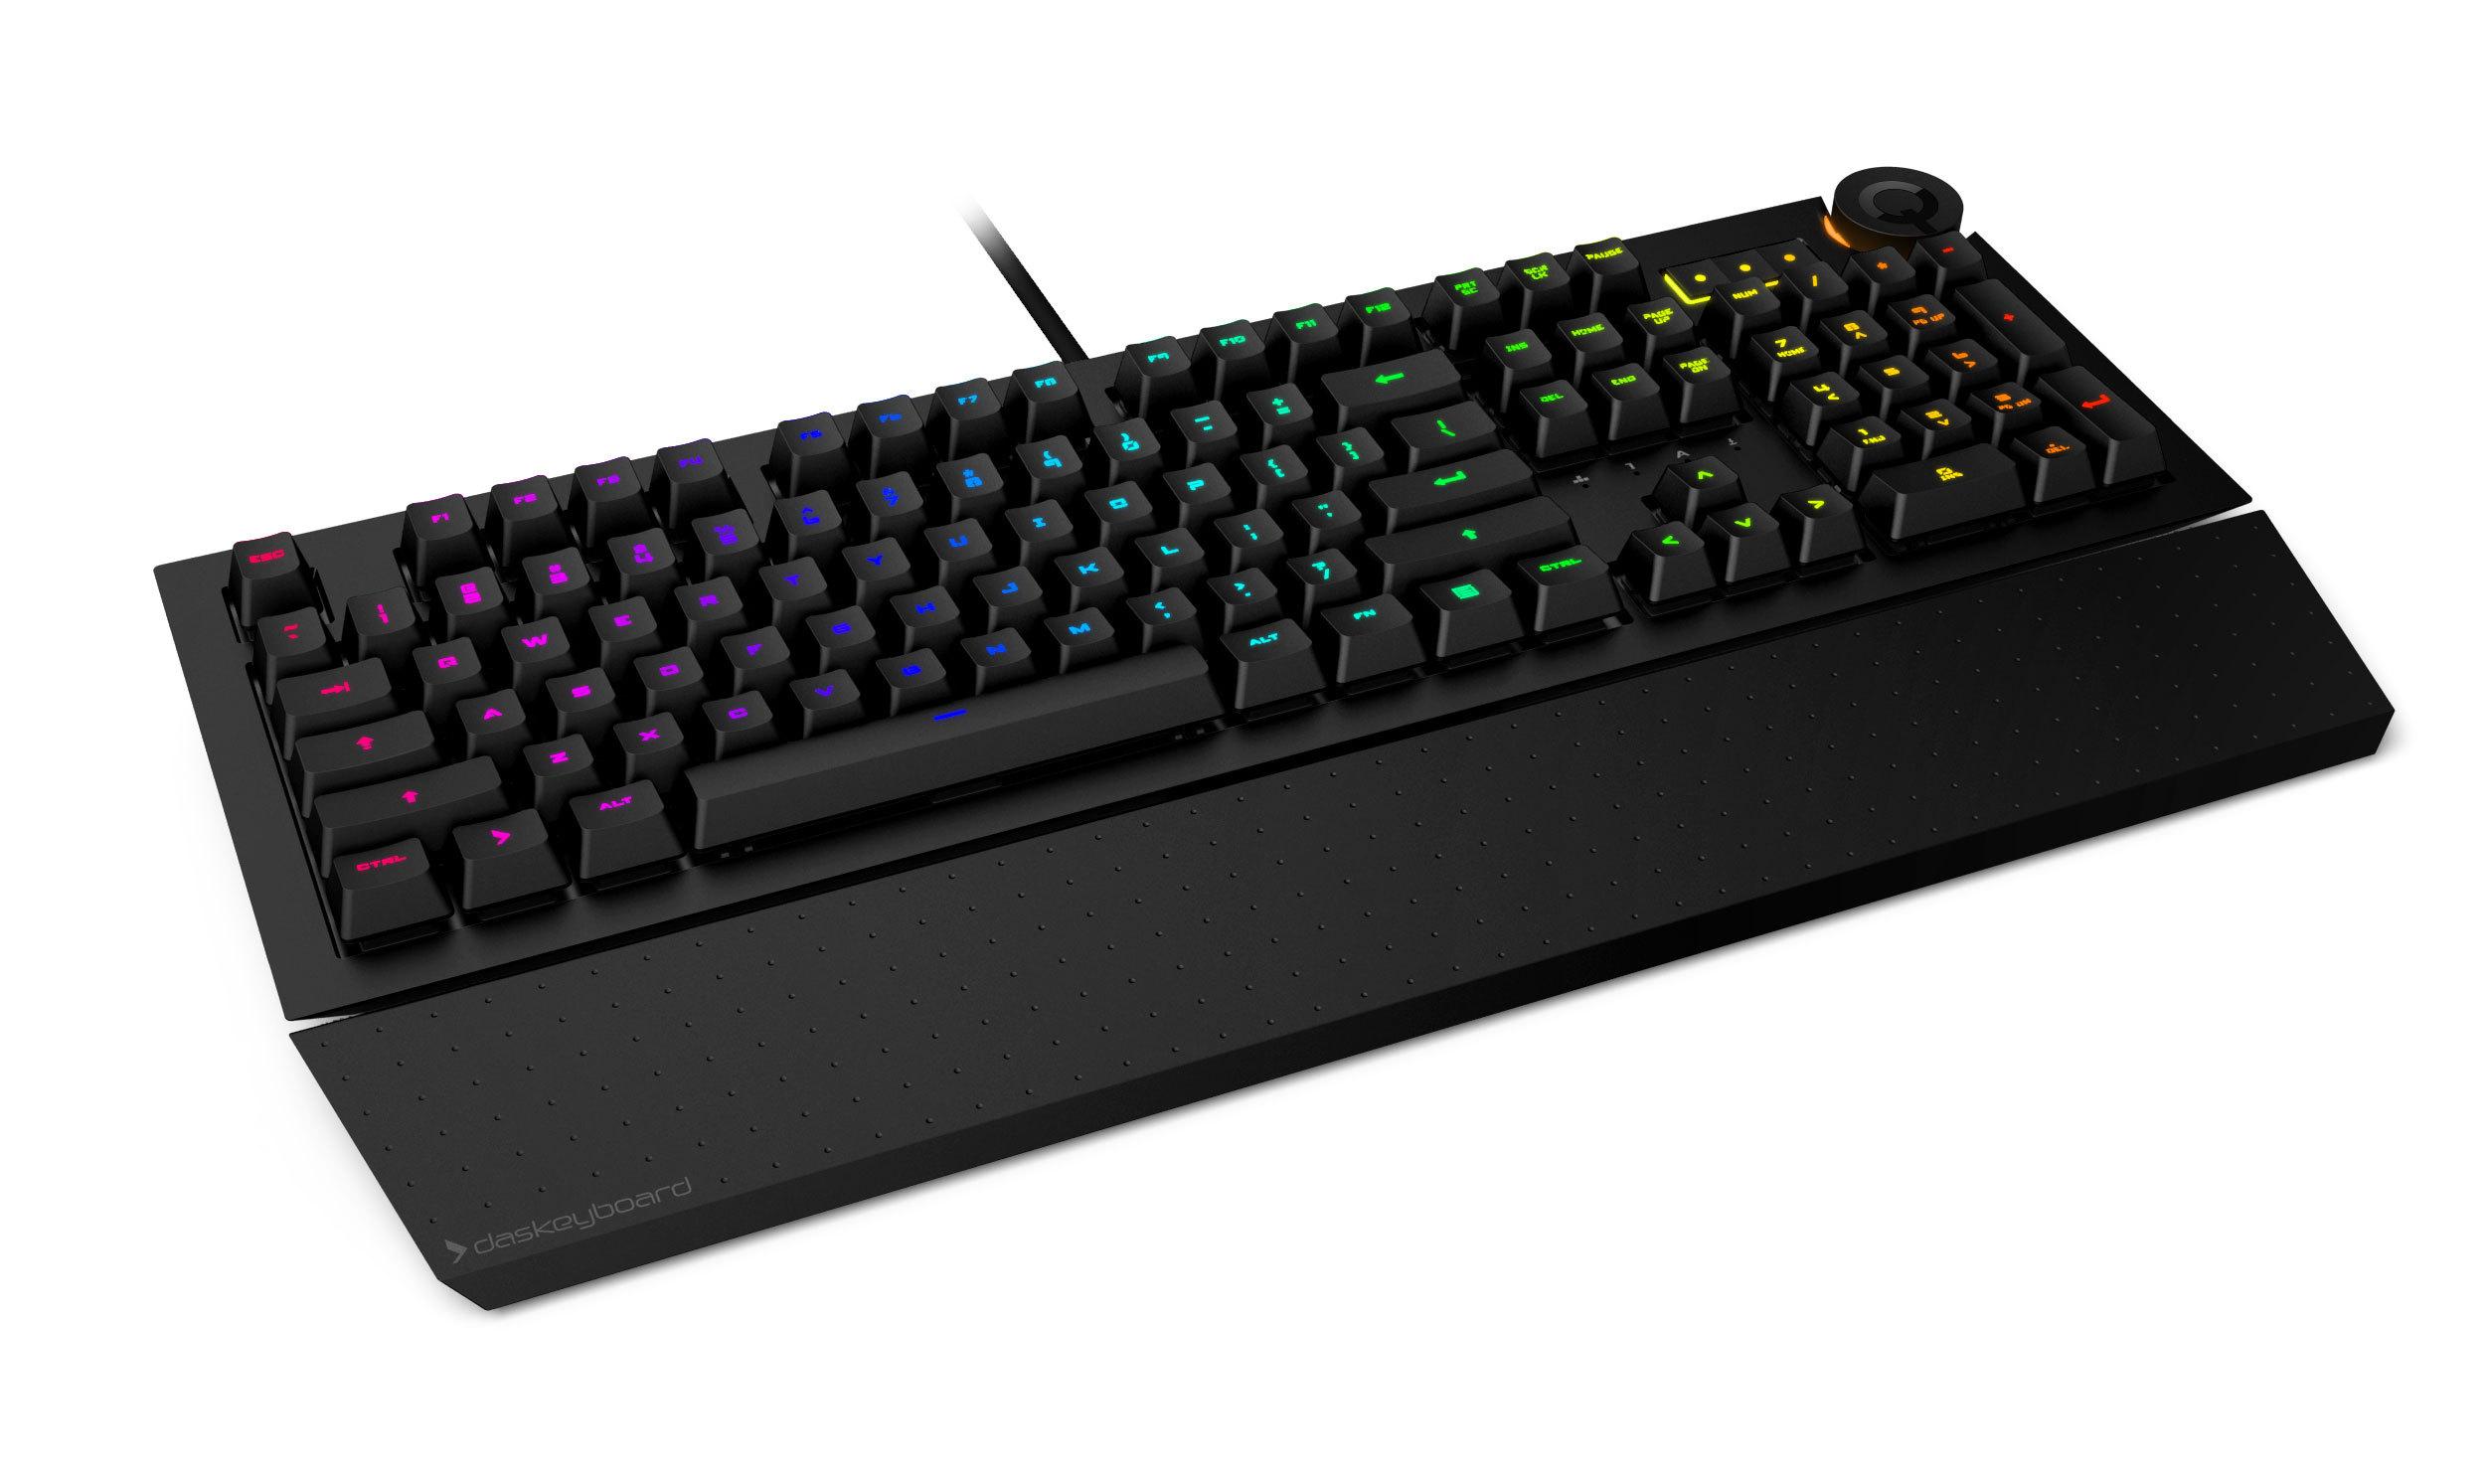 Así es el nuevo teclado de Das Keyboard: programable y colorido, te pone las notificaciones en las teclas